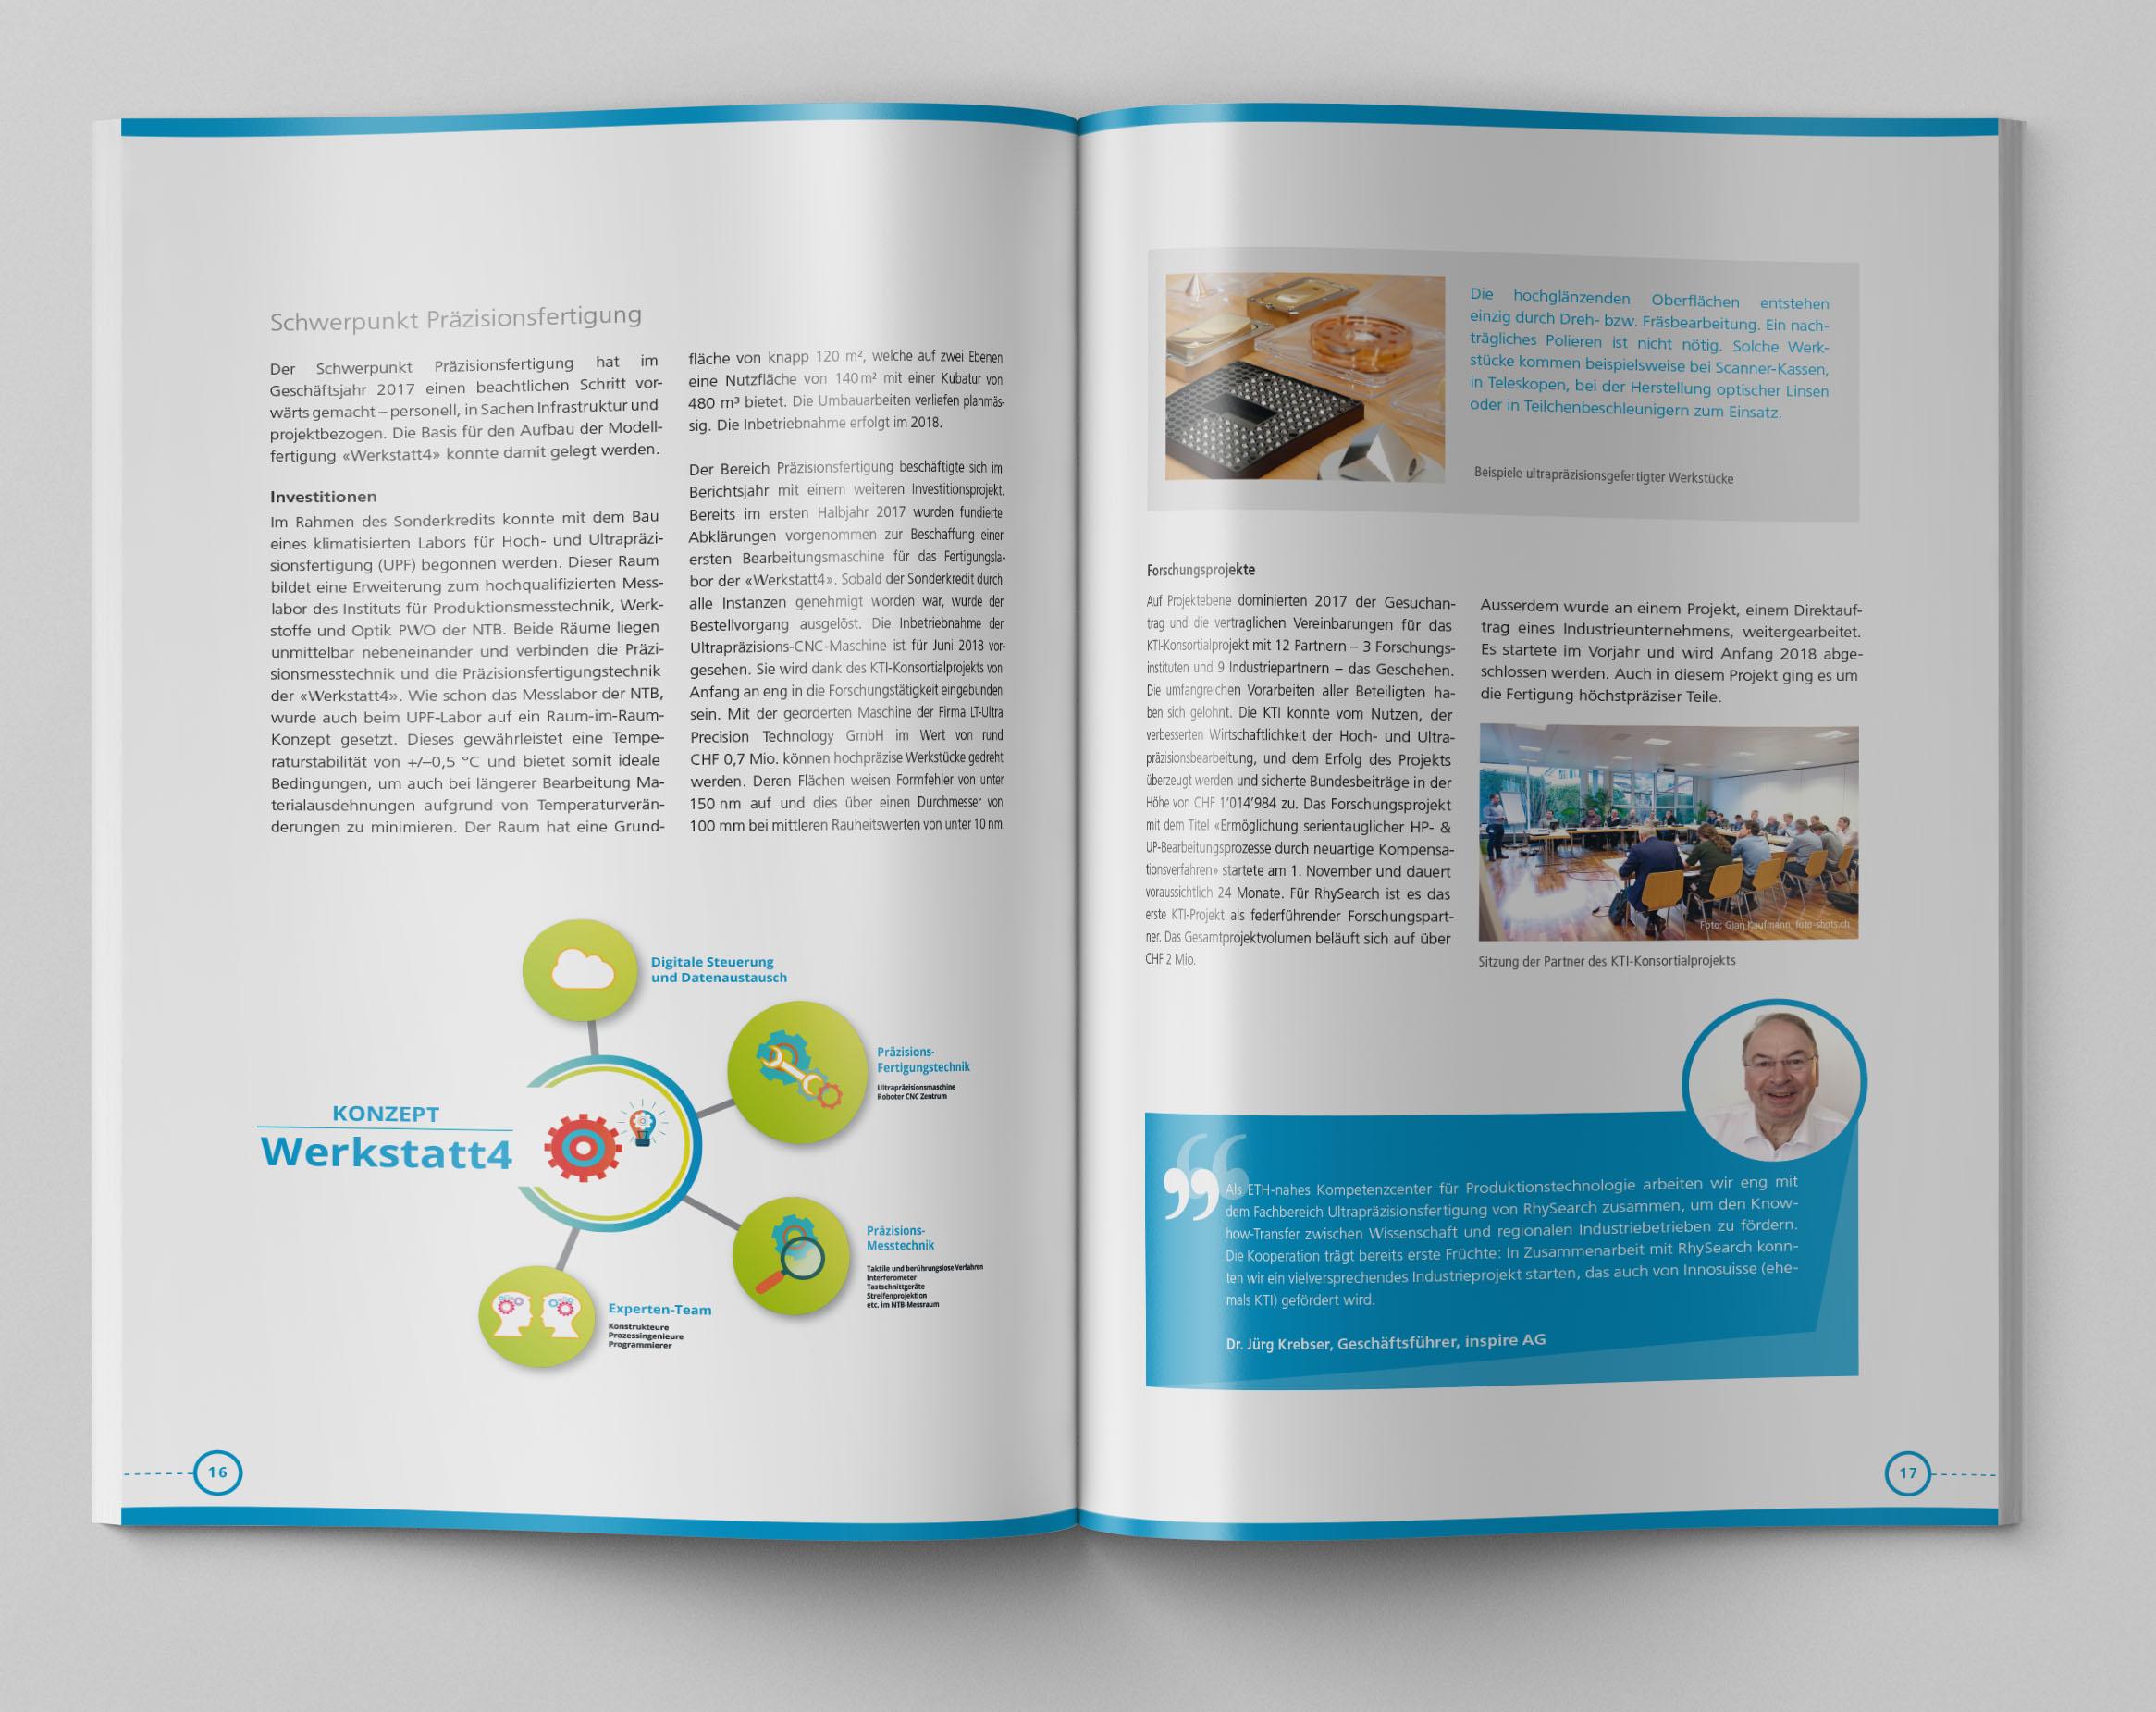 Medienbuero Oehri & Kaiser AG » RhySearch Geschäftsbericht 2017